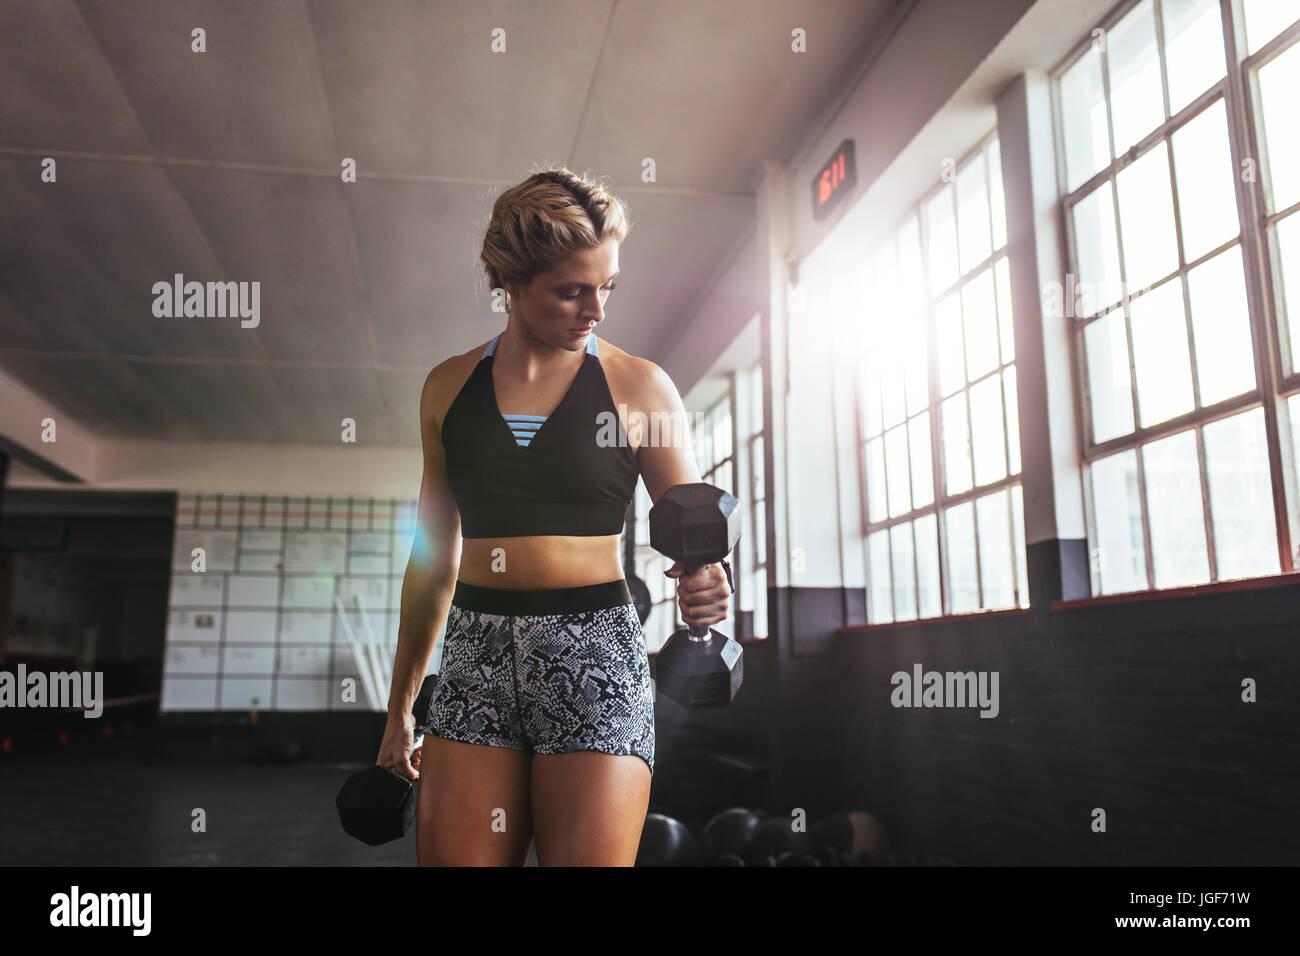 Mujer joven el bombeo de los músculos utilizando pesas. Atleta excercising con pesas para construir el músculo Imagen De Stock